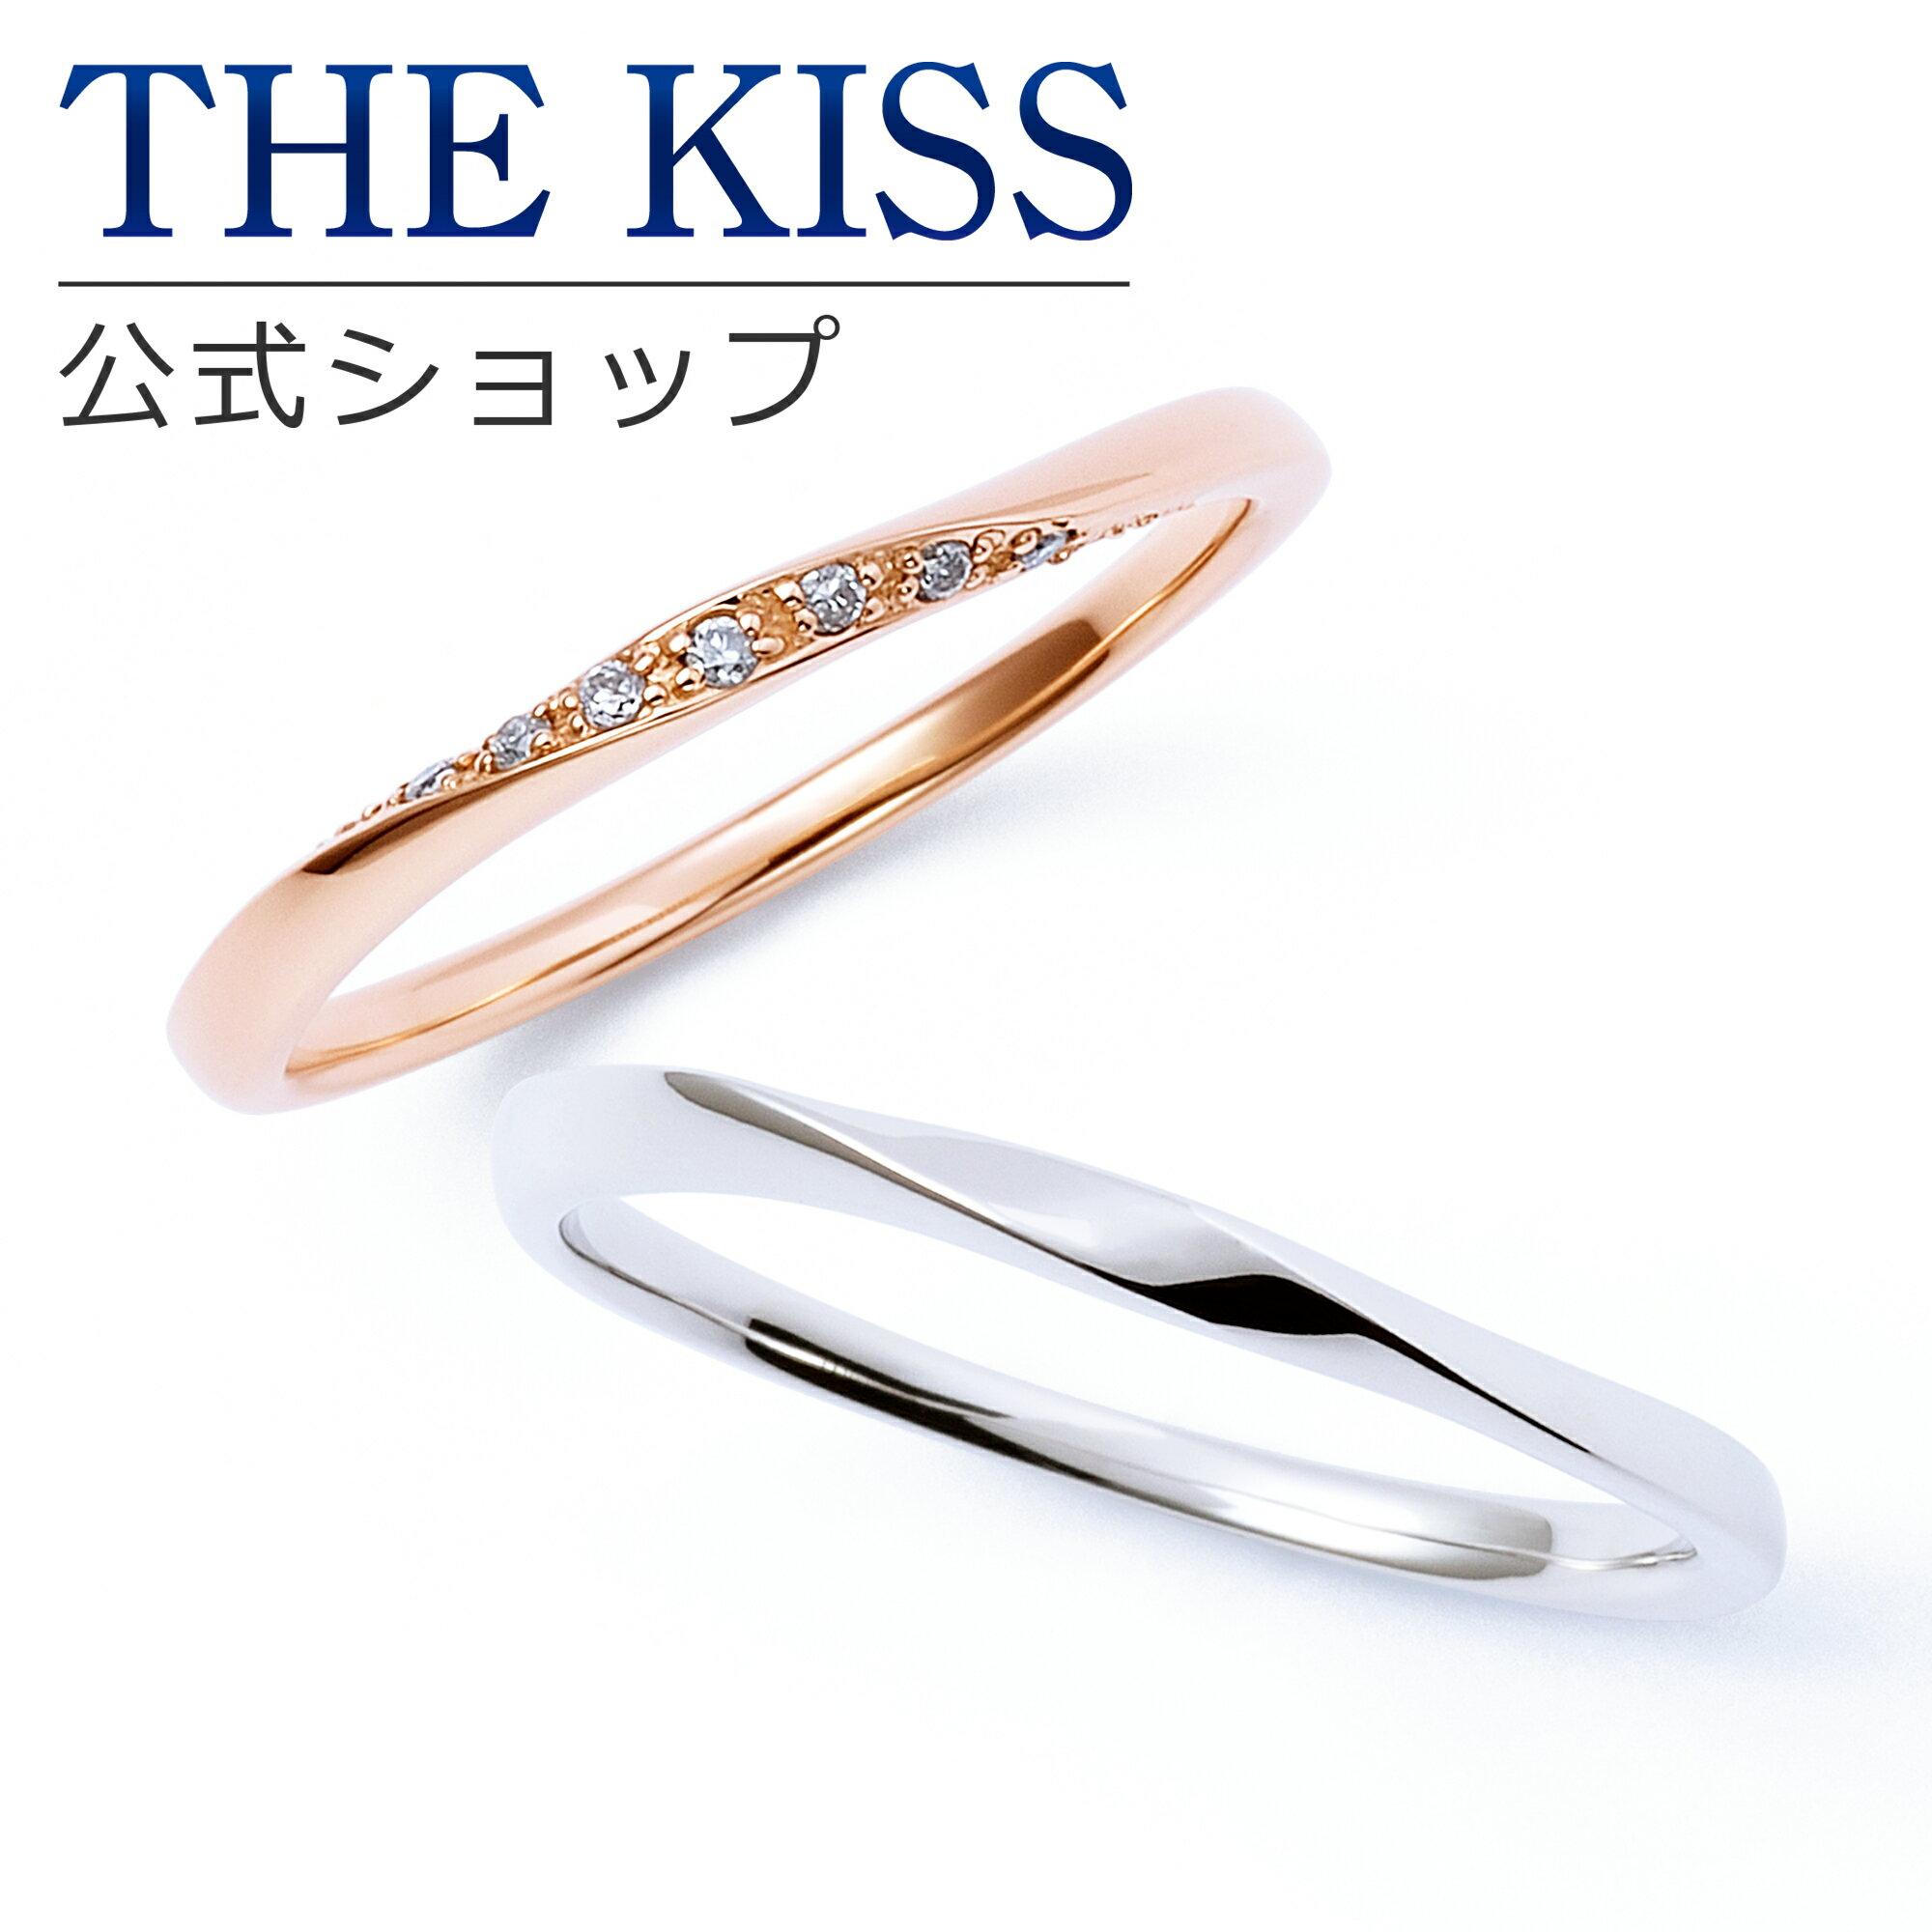 【あす楽対応】【送料無料】【THE KISS sweets】【ペアリング】 K10ピンク&ホワイトゴールド ダイヤモンド ペアリング☆ ゴールド ペア リング 指輪 ブランド GOLD Pair Ring couple